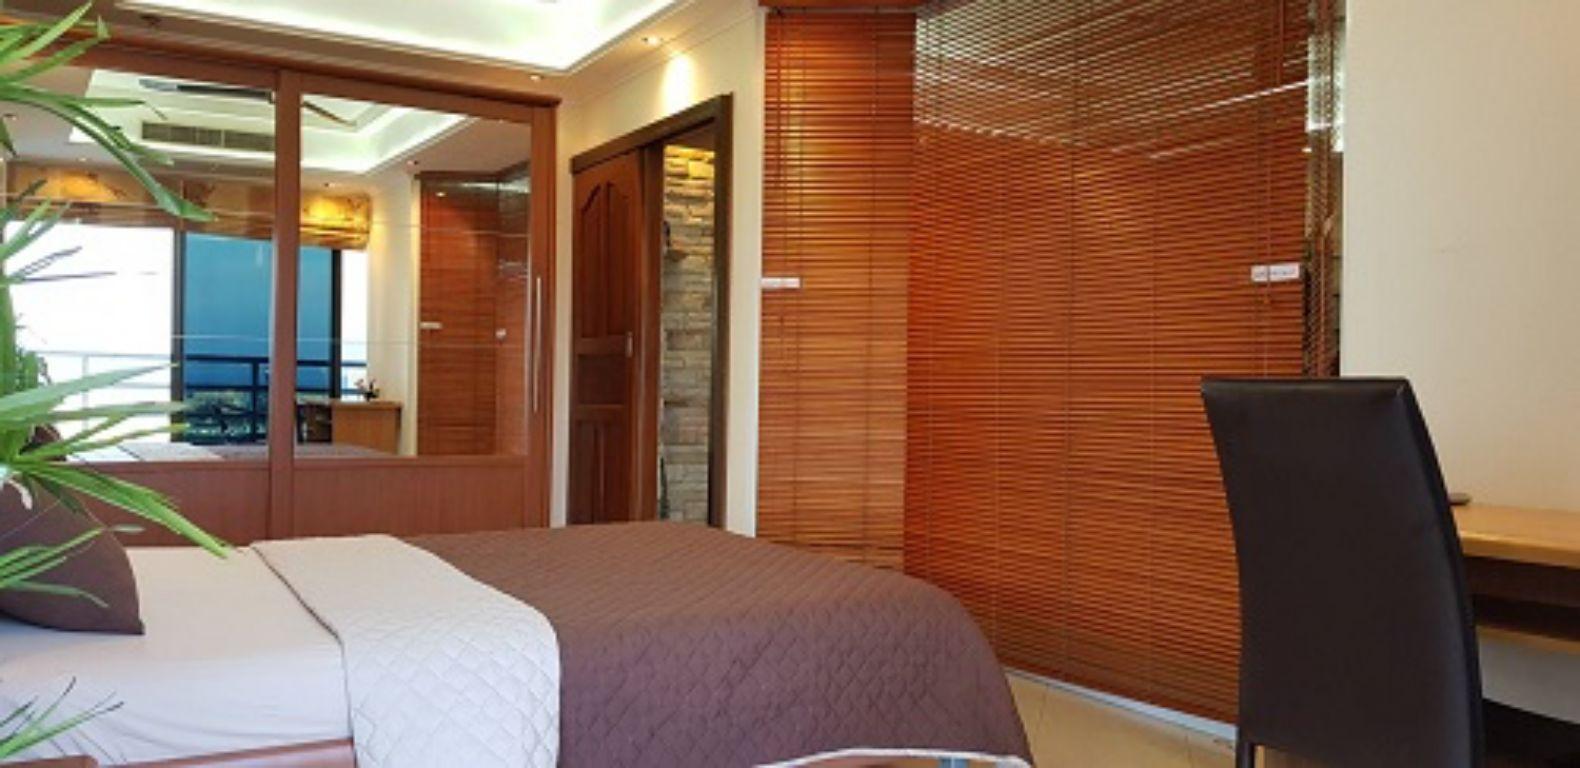 room-15-715-01